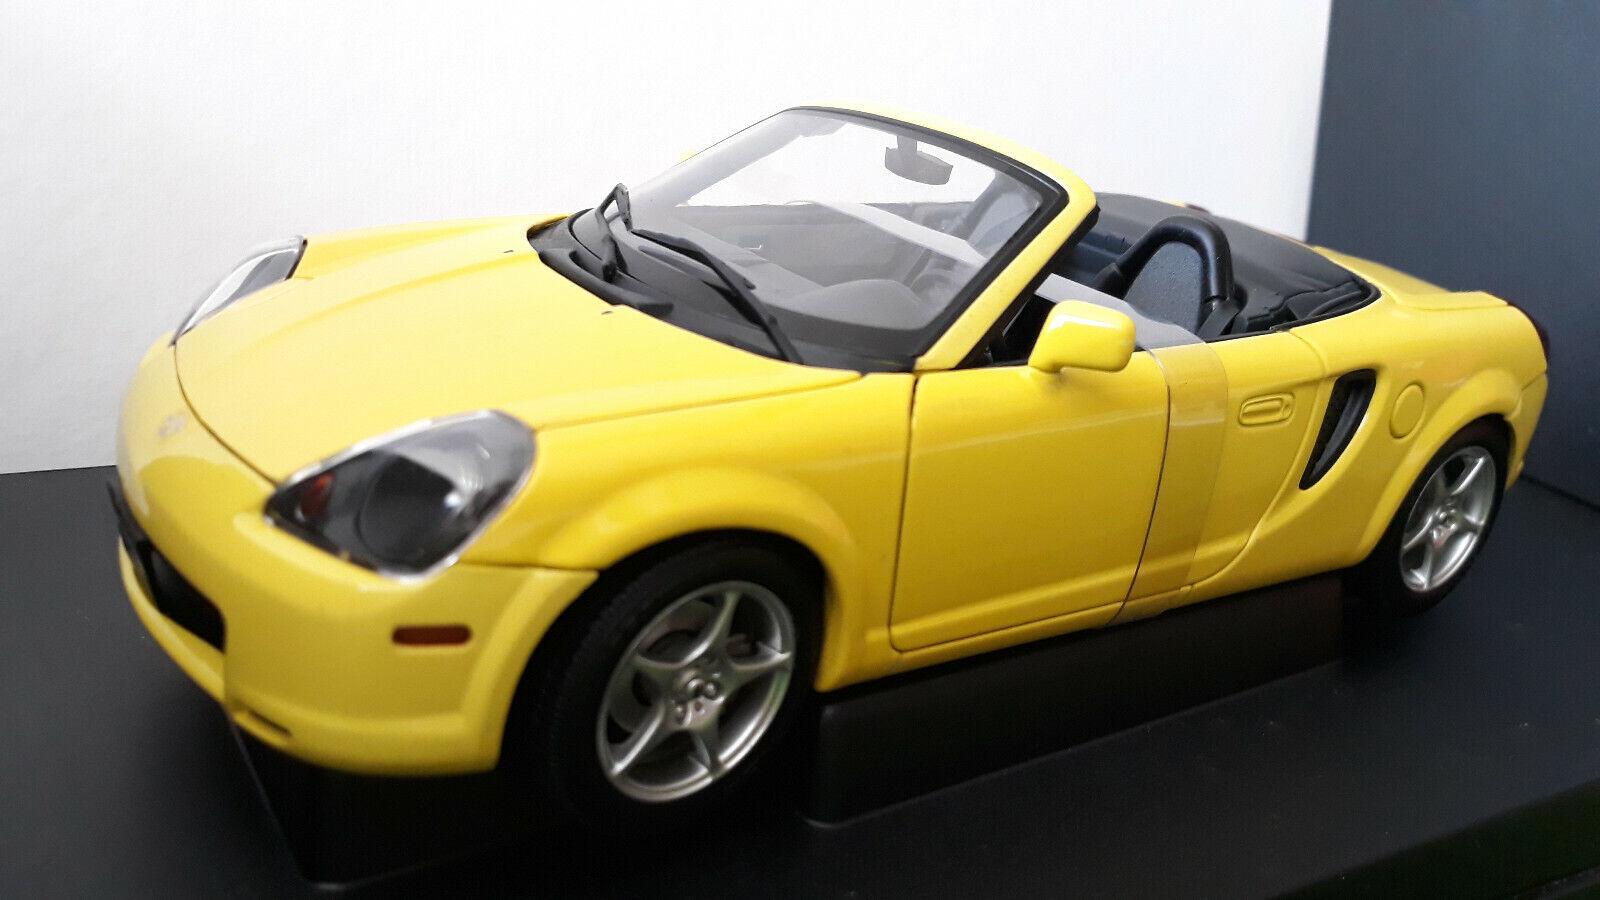 Toyota  mr2 spyder convertible 2000 1 18 autoart 78713 miniature voiture collection  80% de réduction